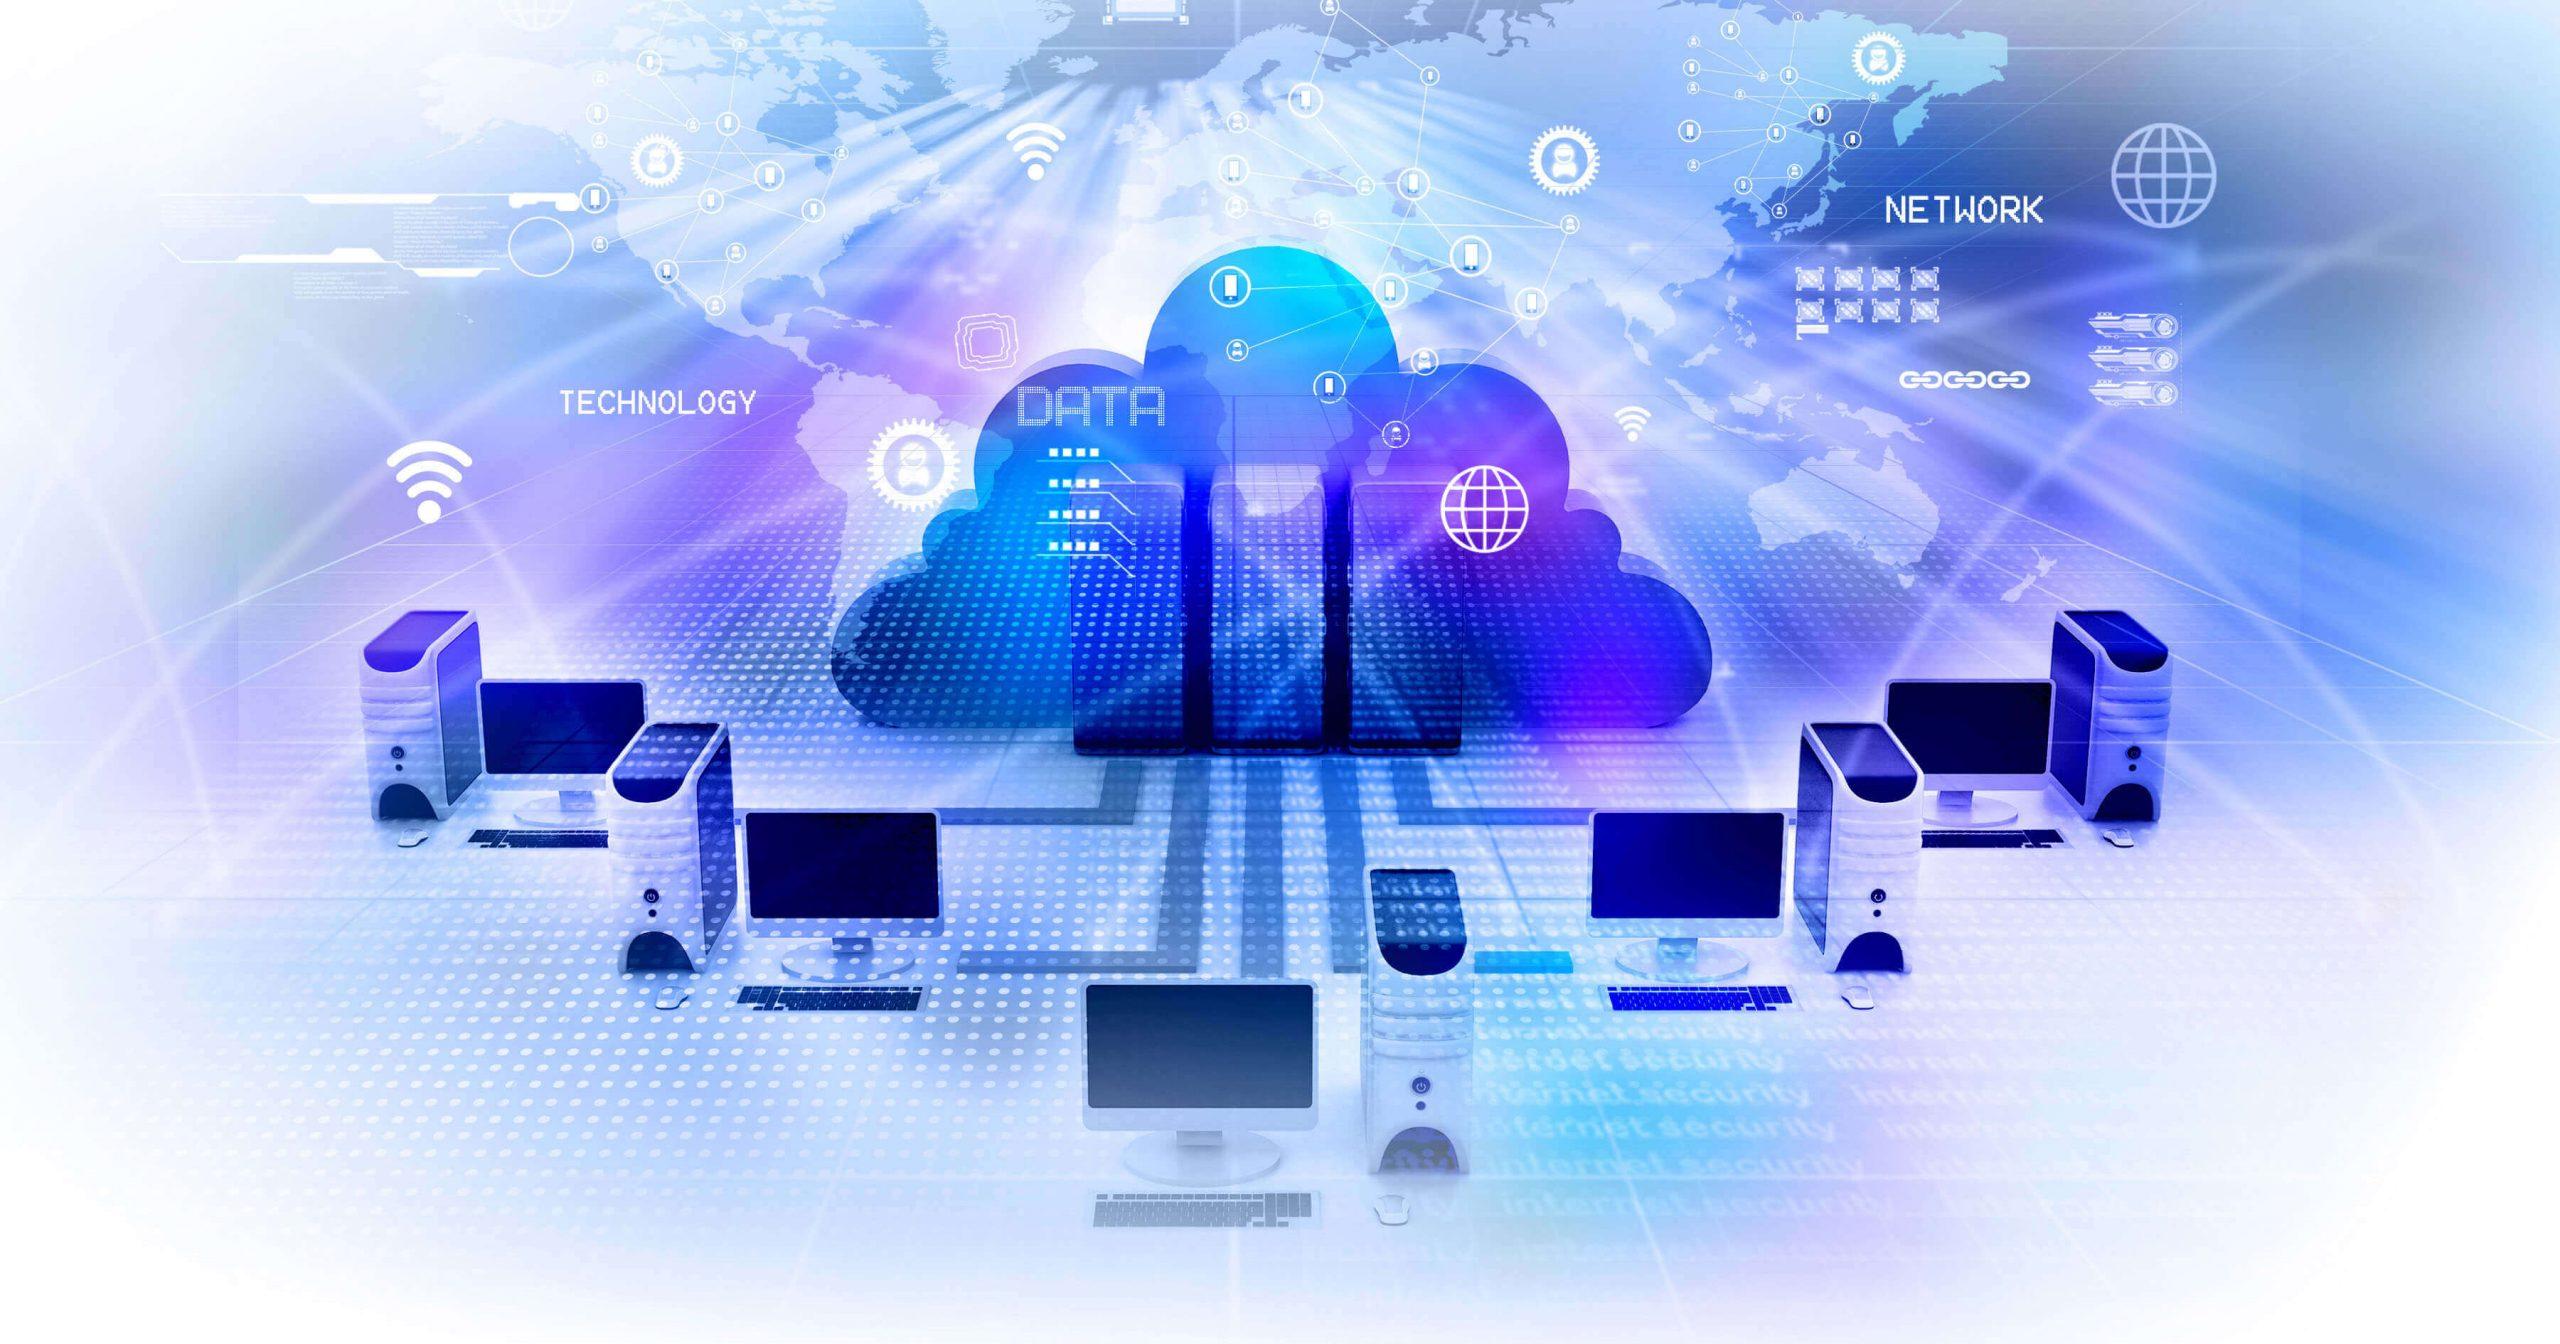 El Hybrid Cloud Report de NTT revela los principales factores que impulsan la adopción de la nube híbrida